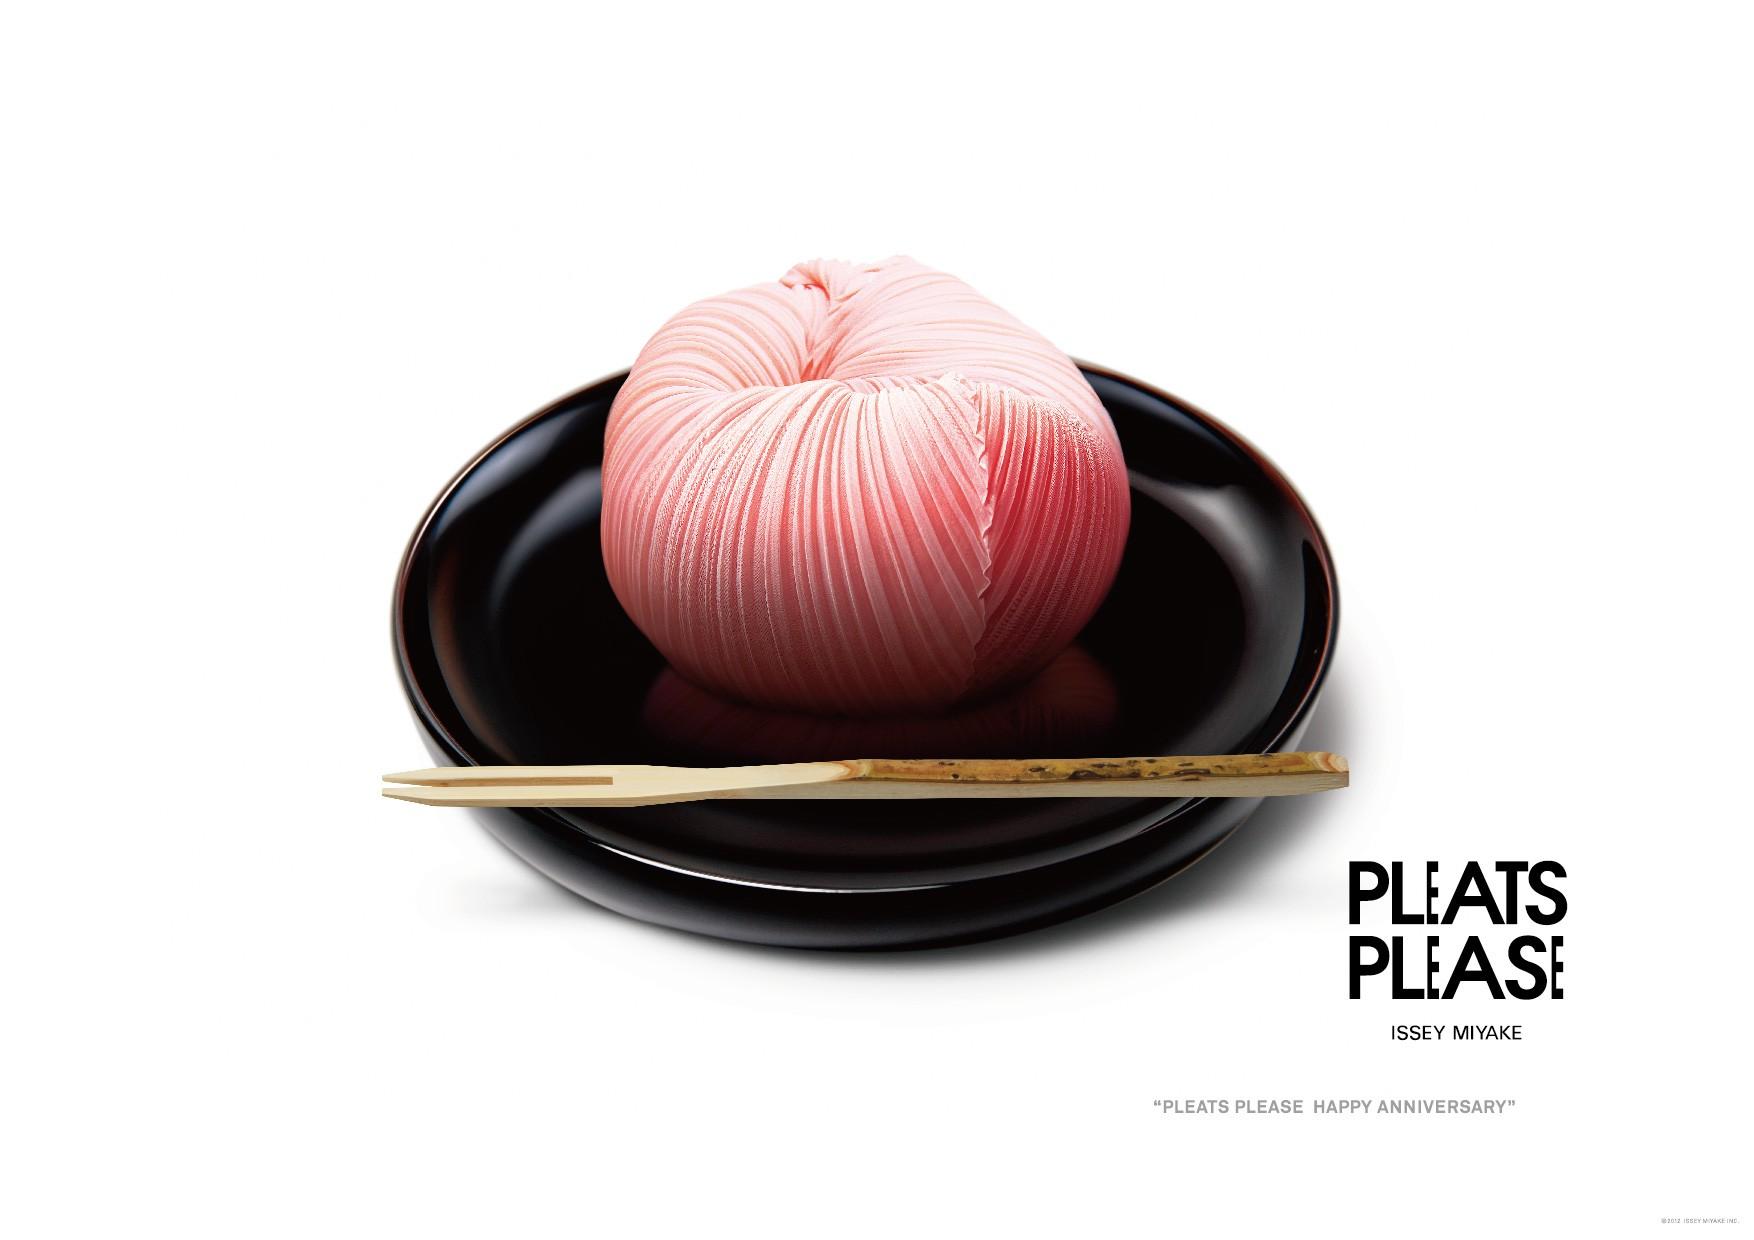 变身吧_Pleats Please (三宅褶皱)20周年纪念广告 - 设计之家